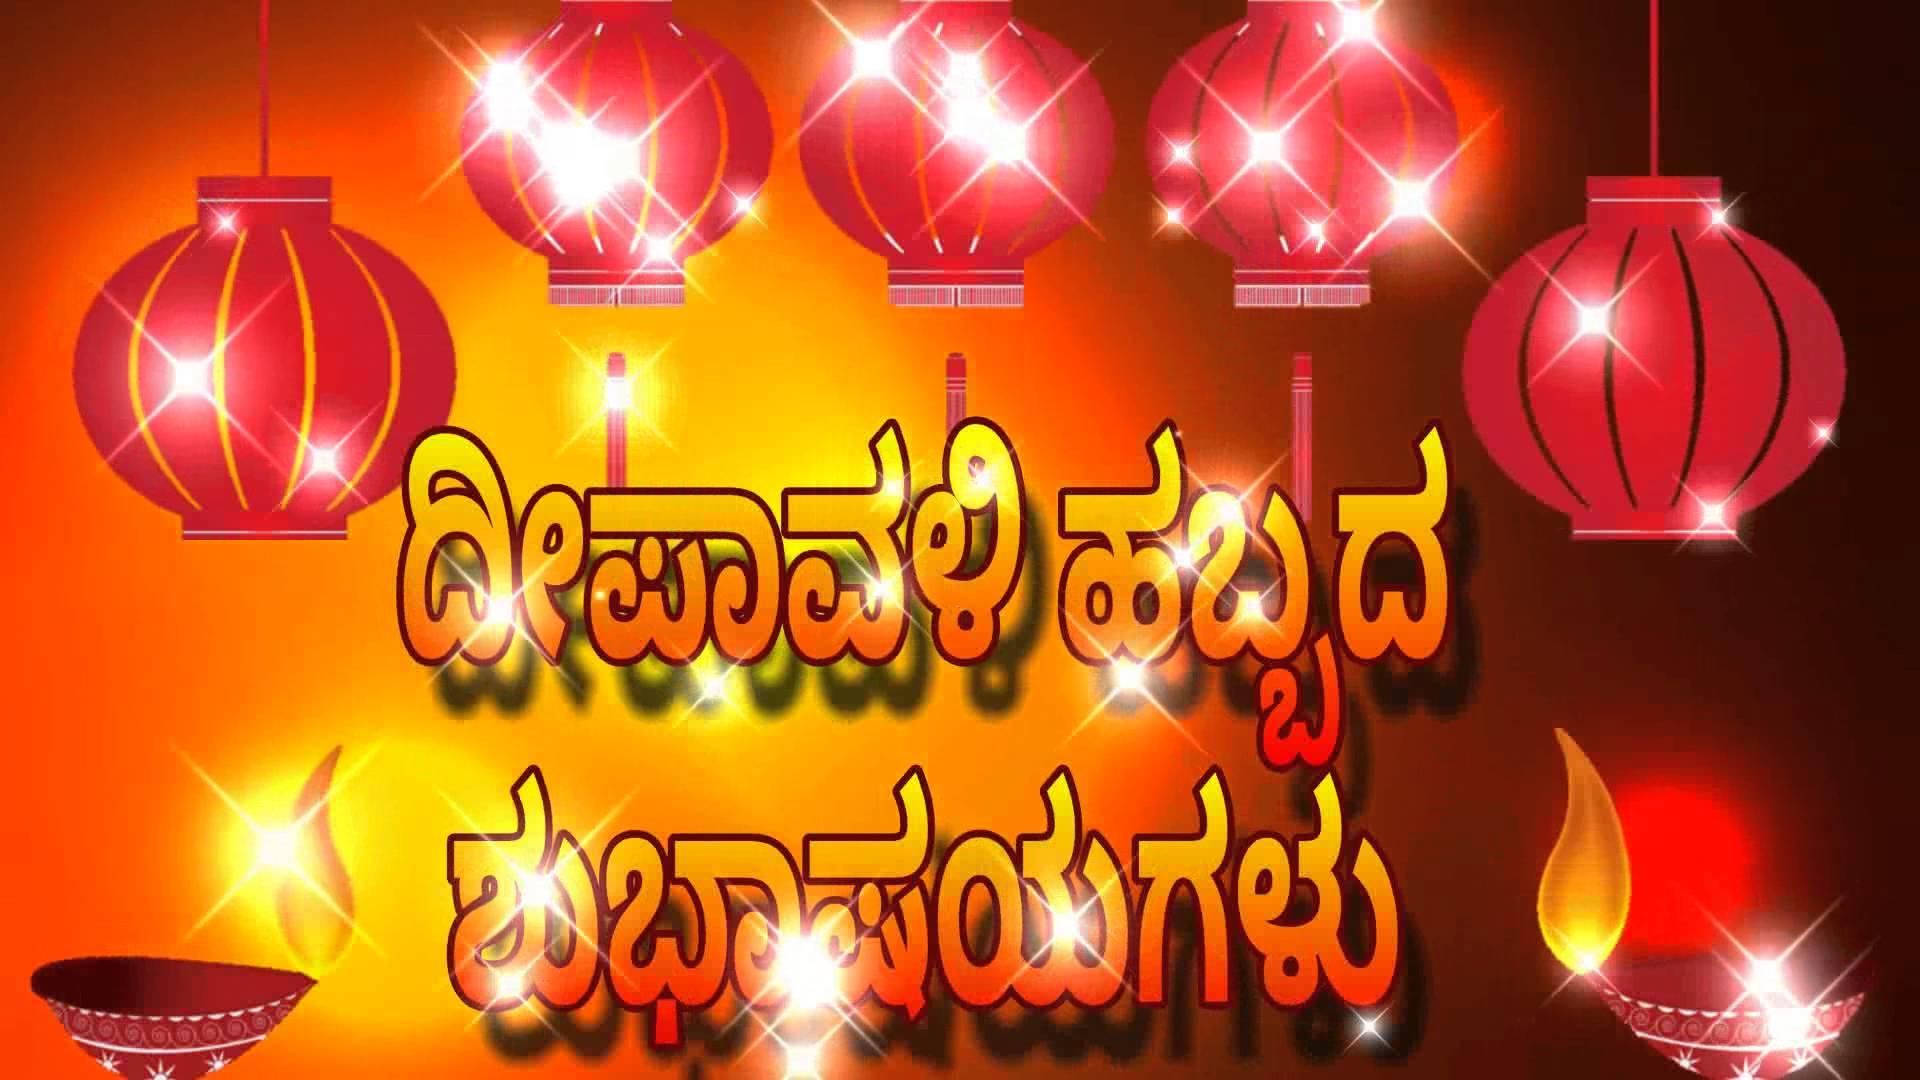 Happy Deepawali Wishes in Kannada